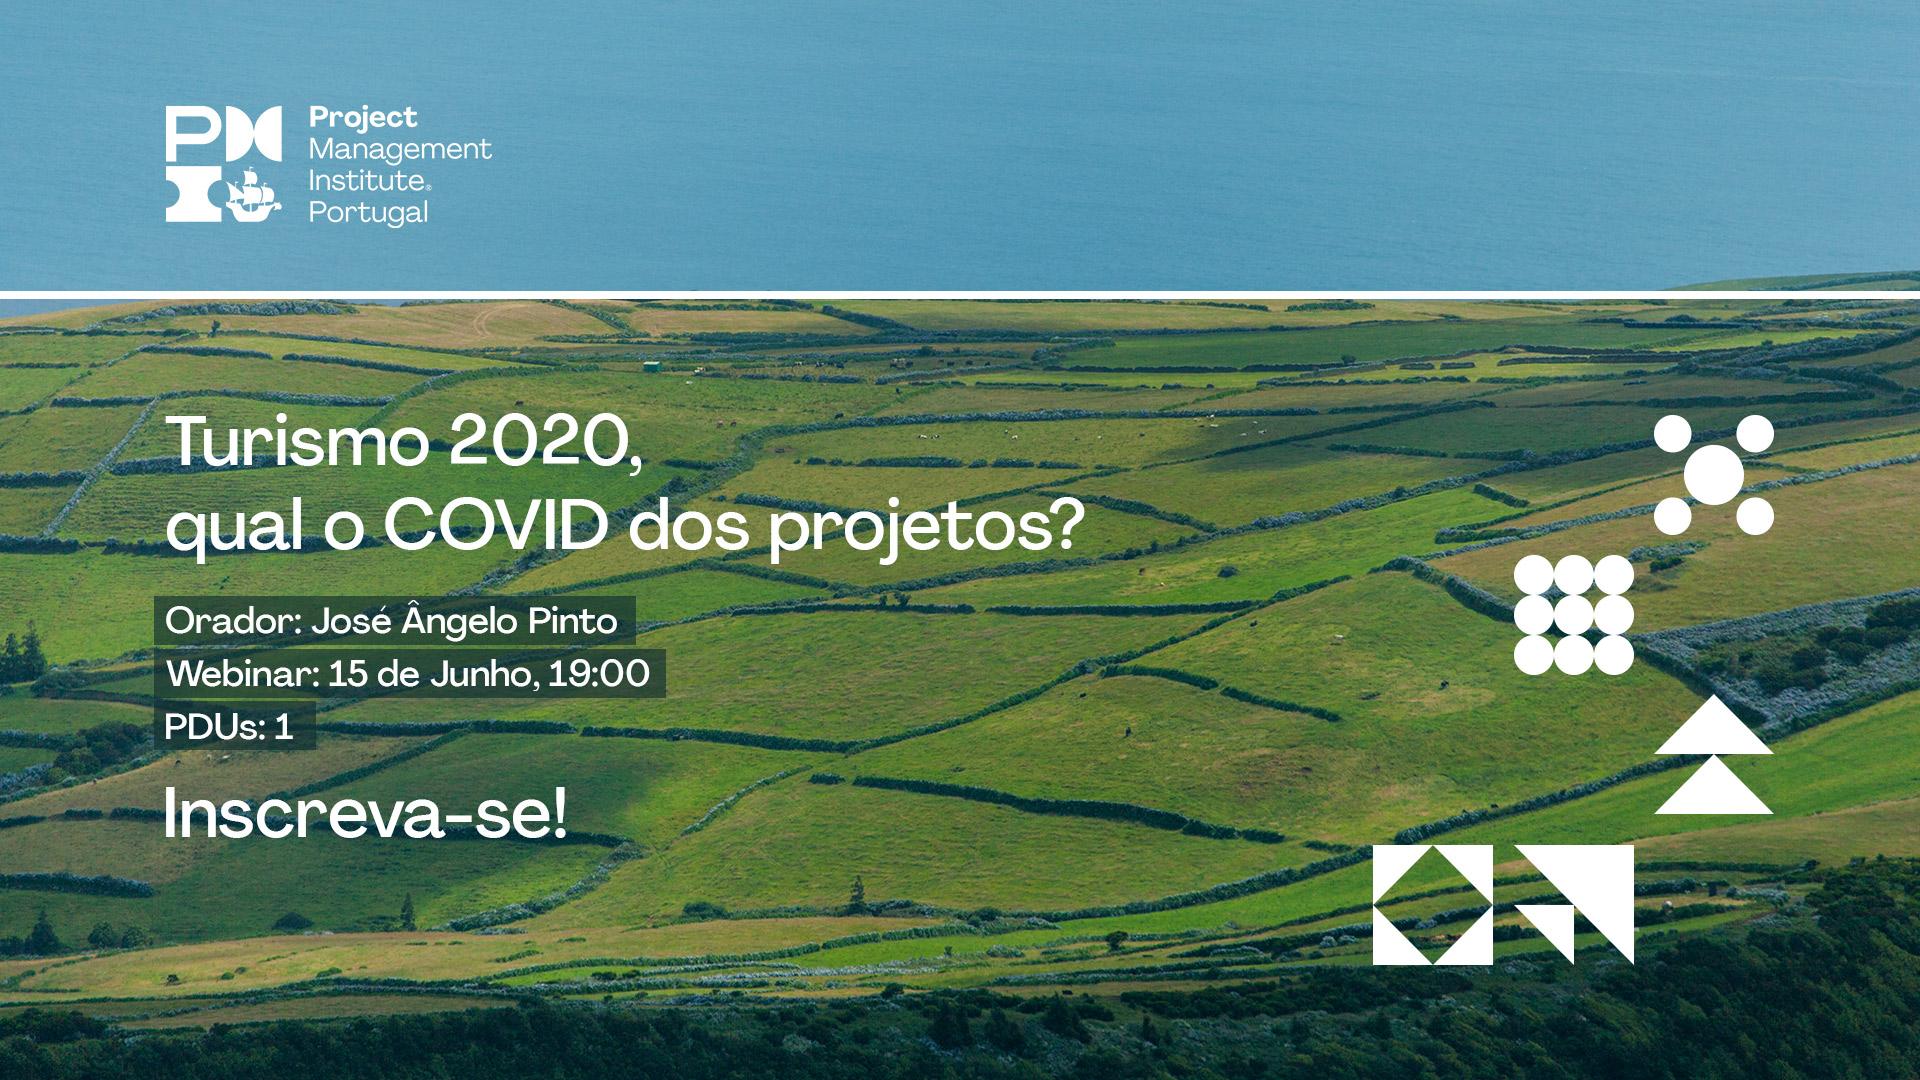 Turismo 2020, qual o COVID dos projectos?